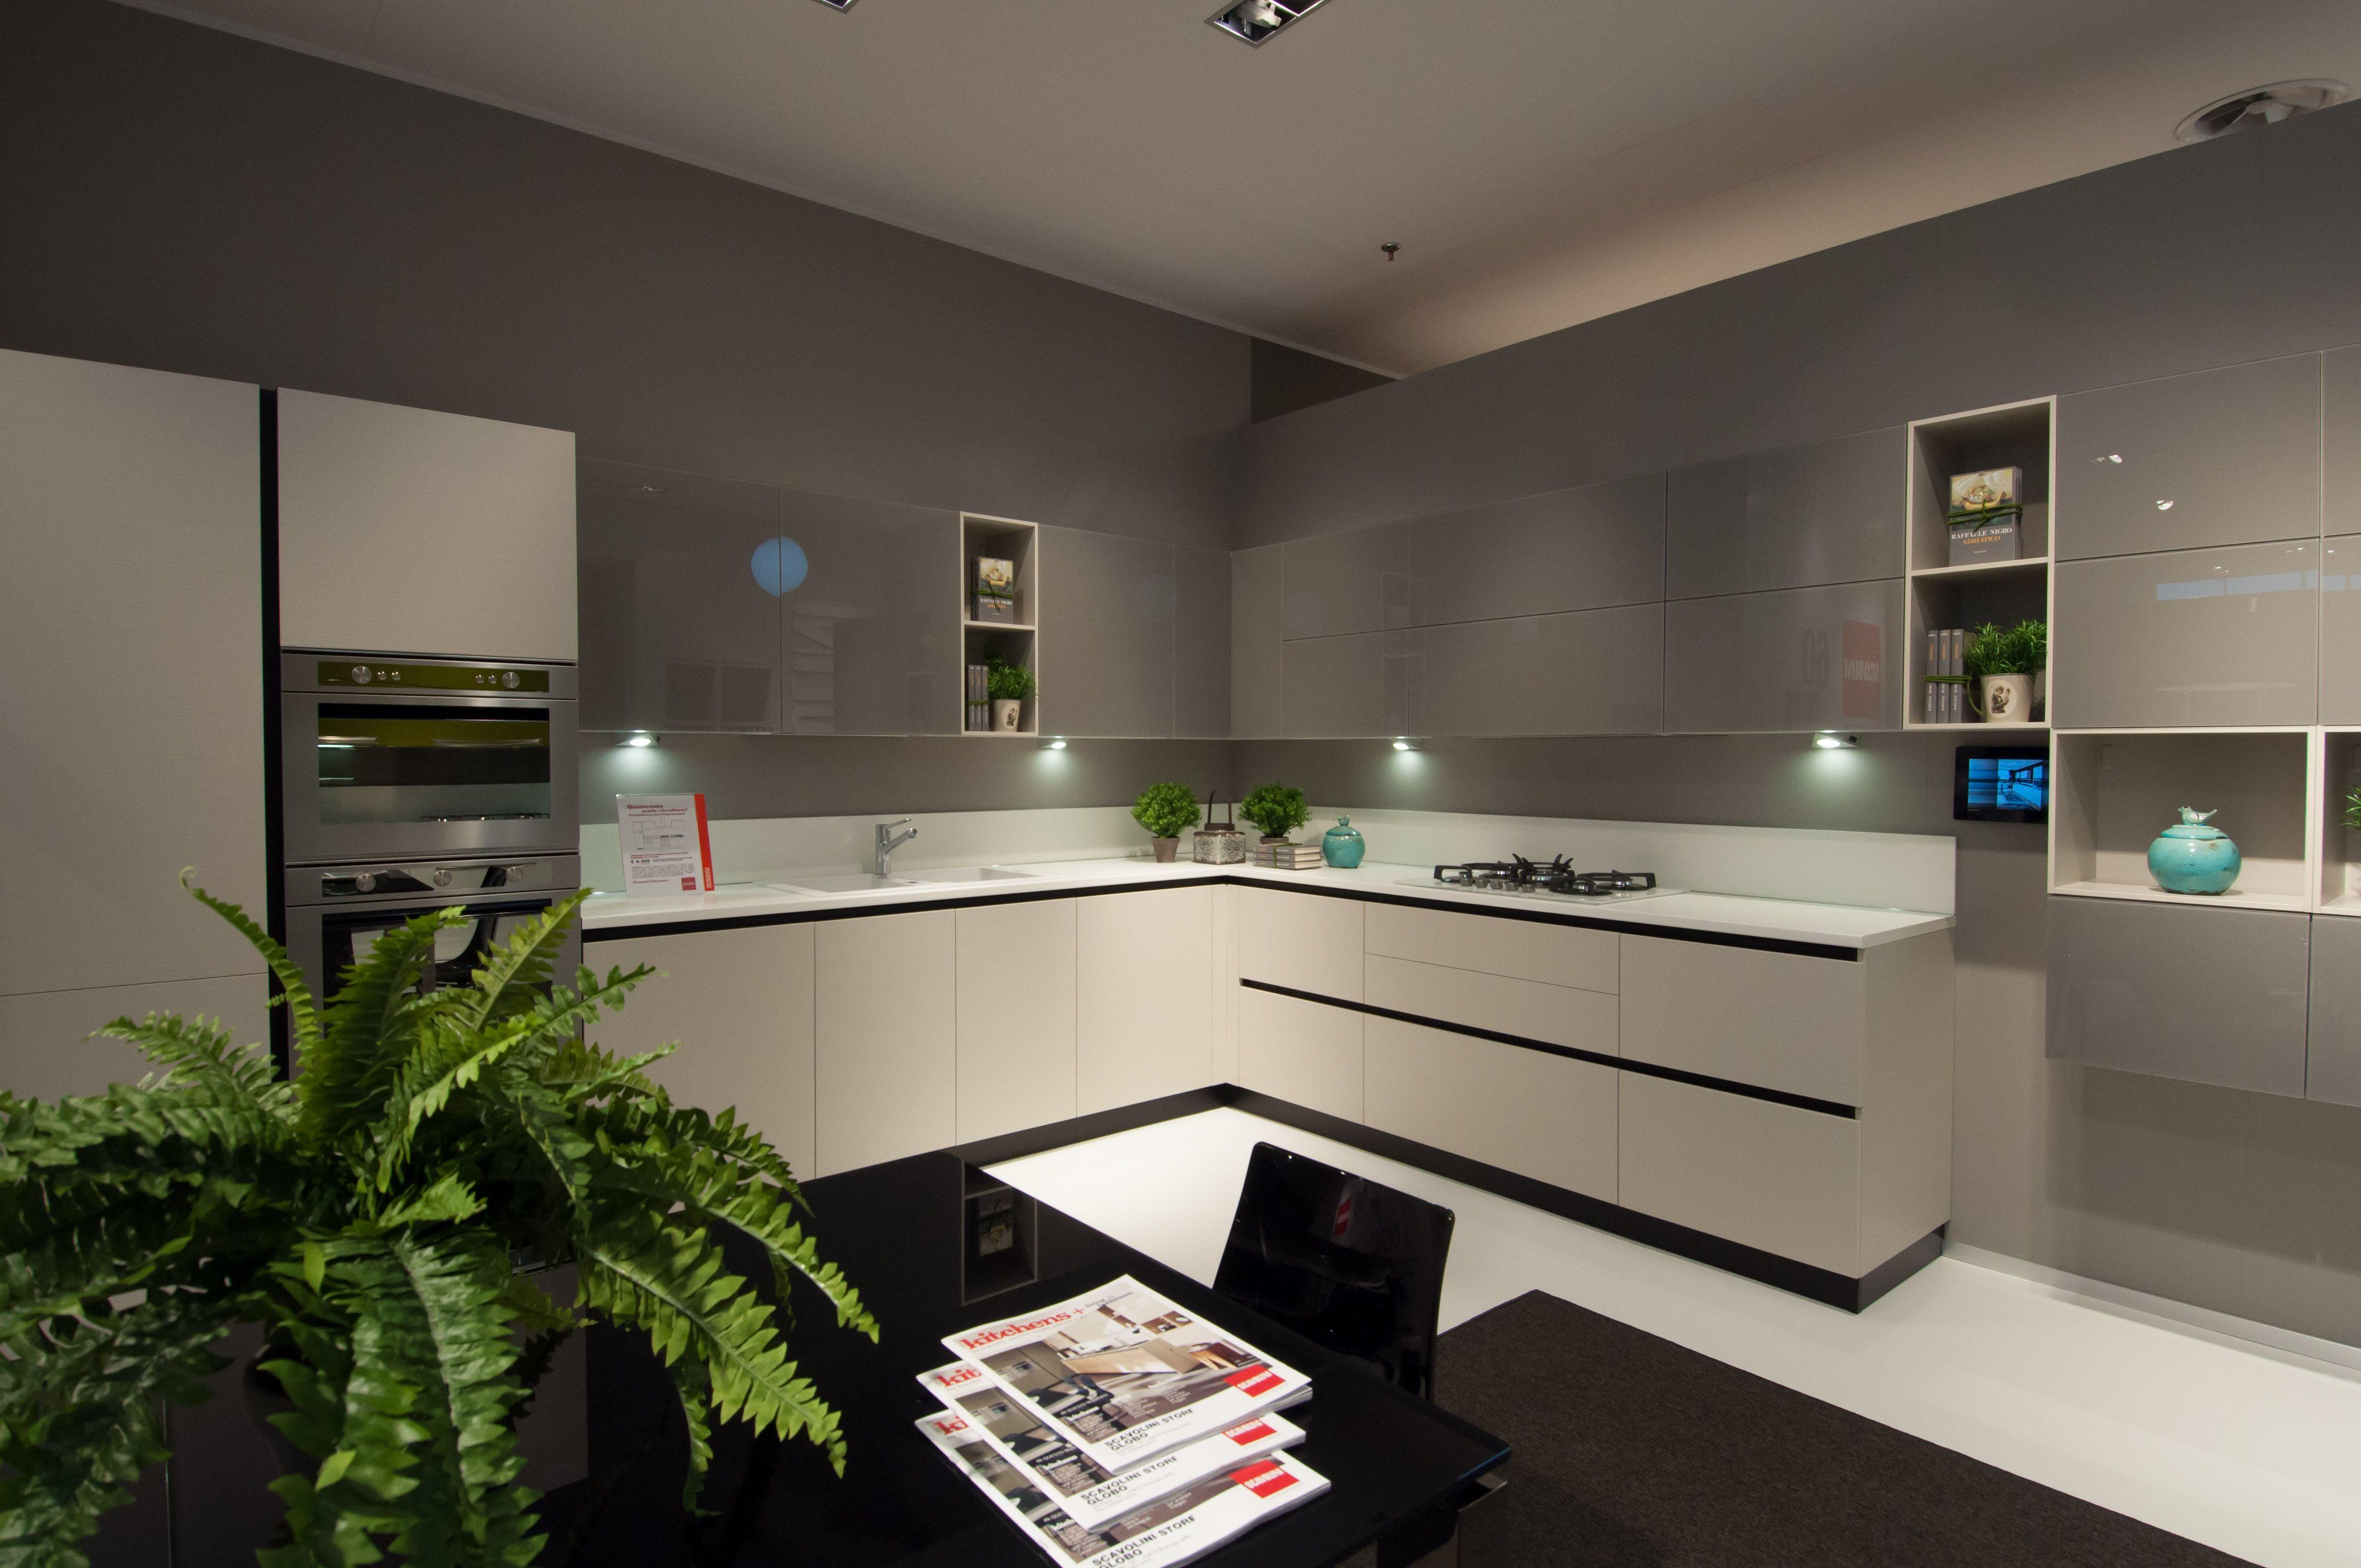 Scavolini store globo cucine scavolini cucine scavolini interior design store e interior - Interior design cucine ...